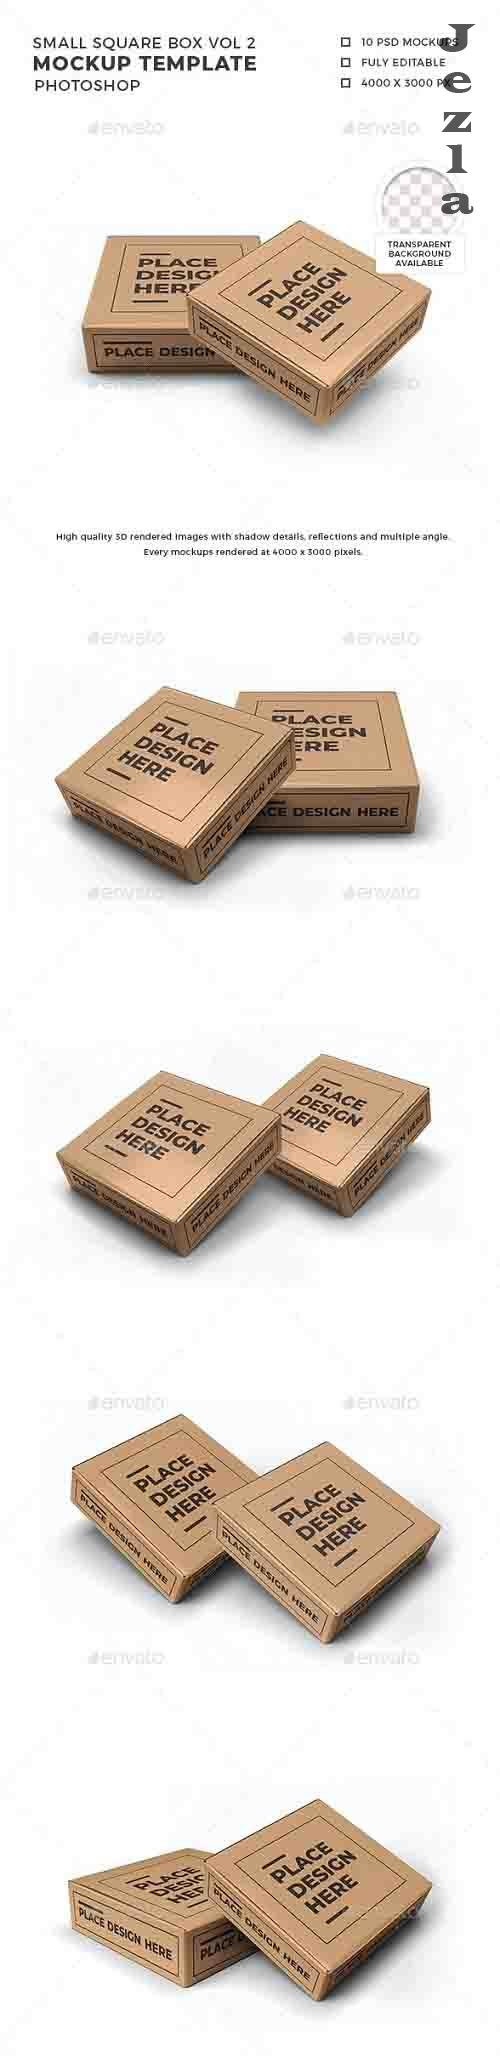 Small Square Box Mockup Template Vol 2 - 32570172